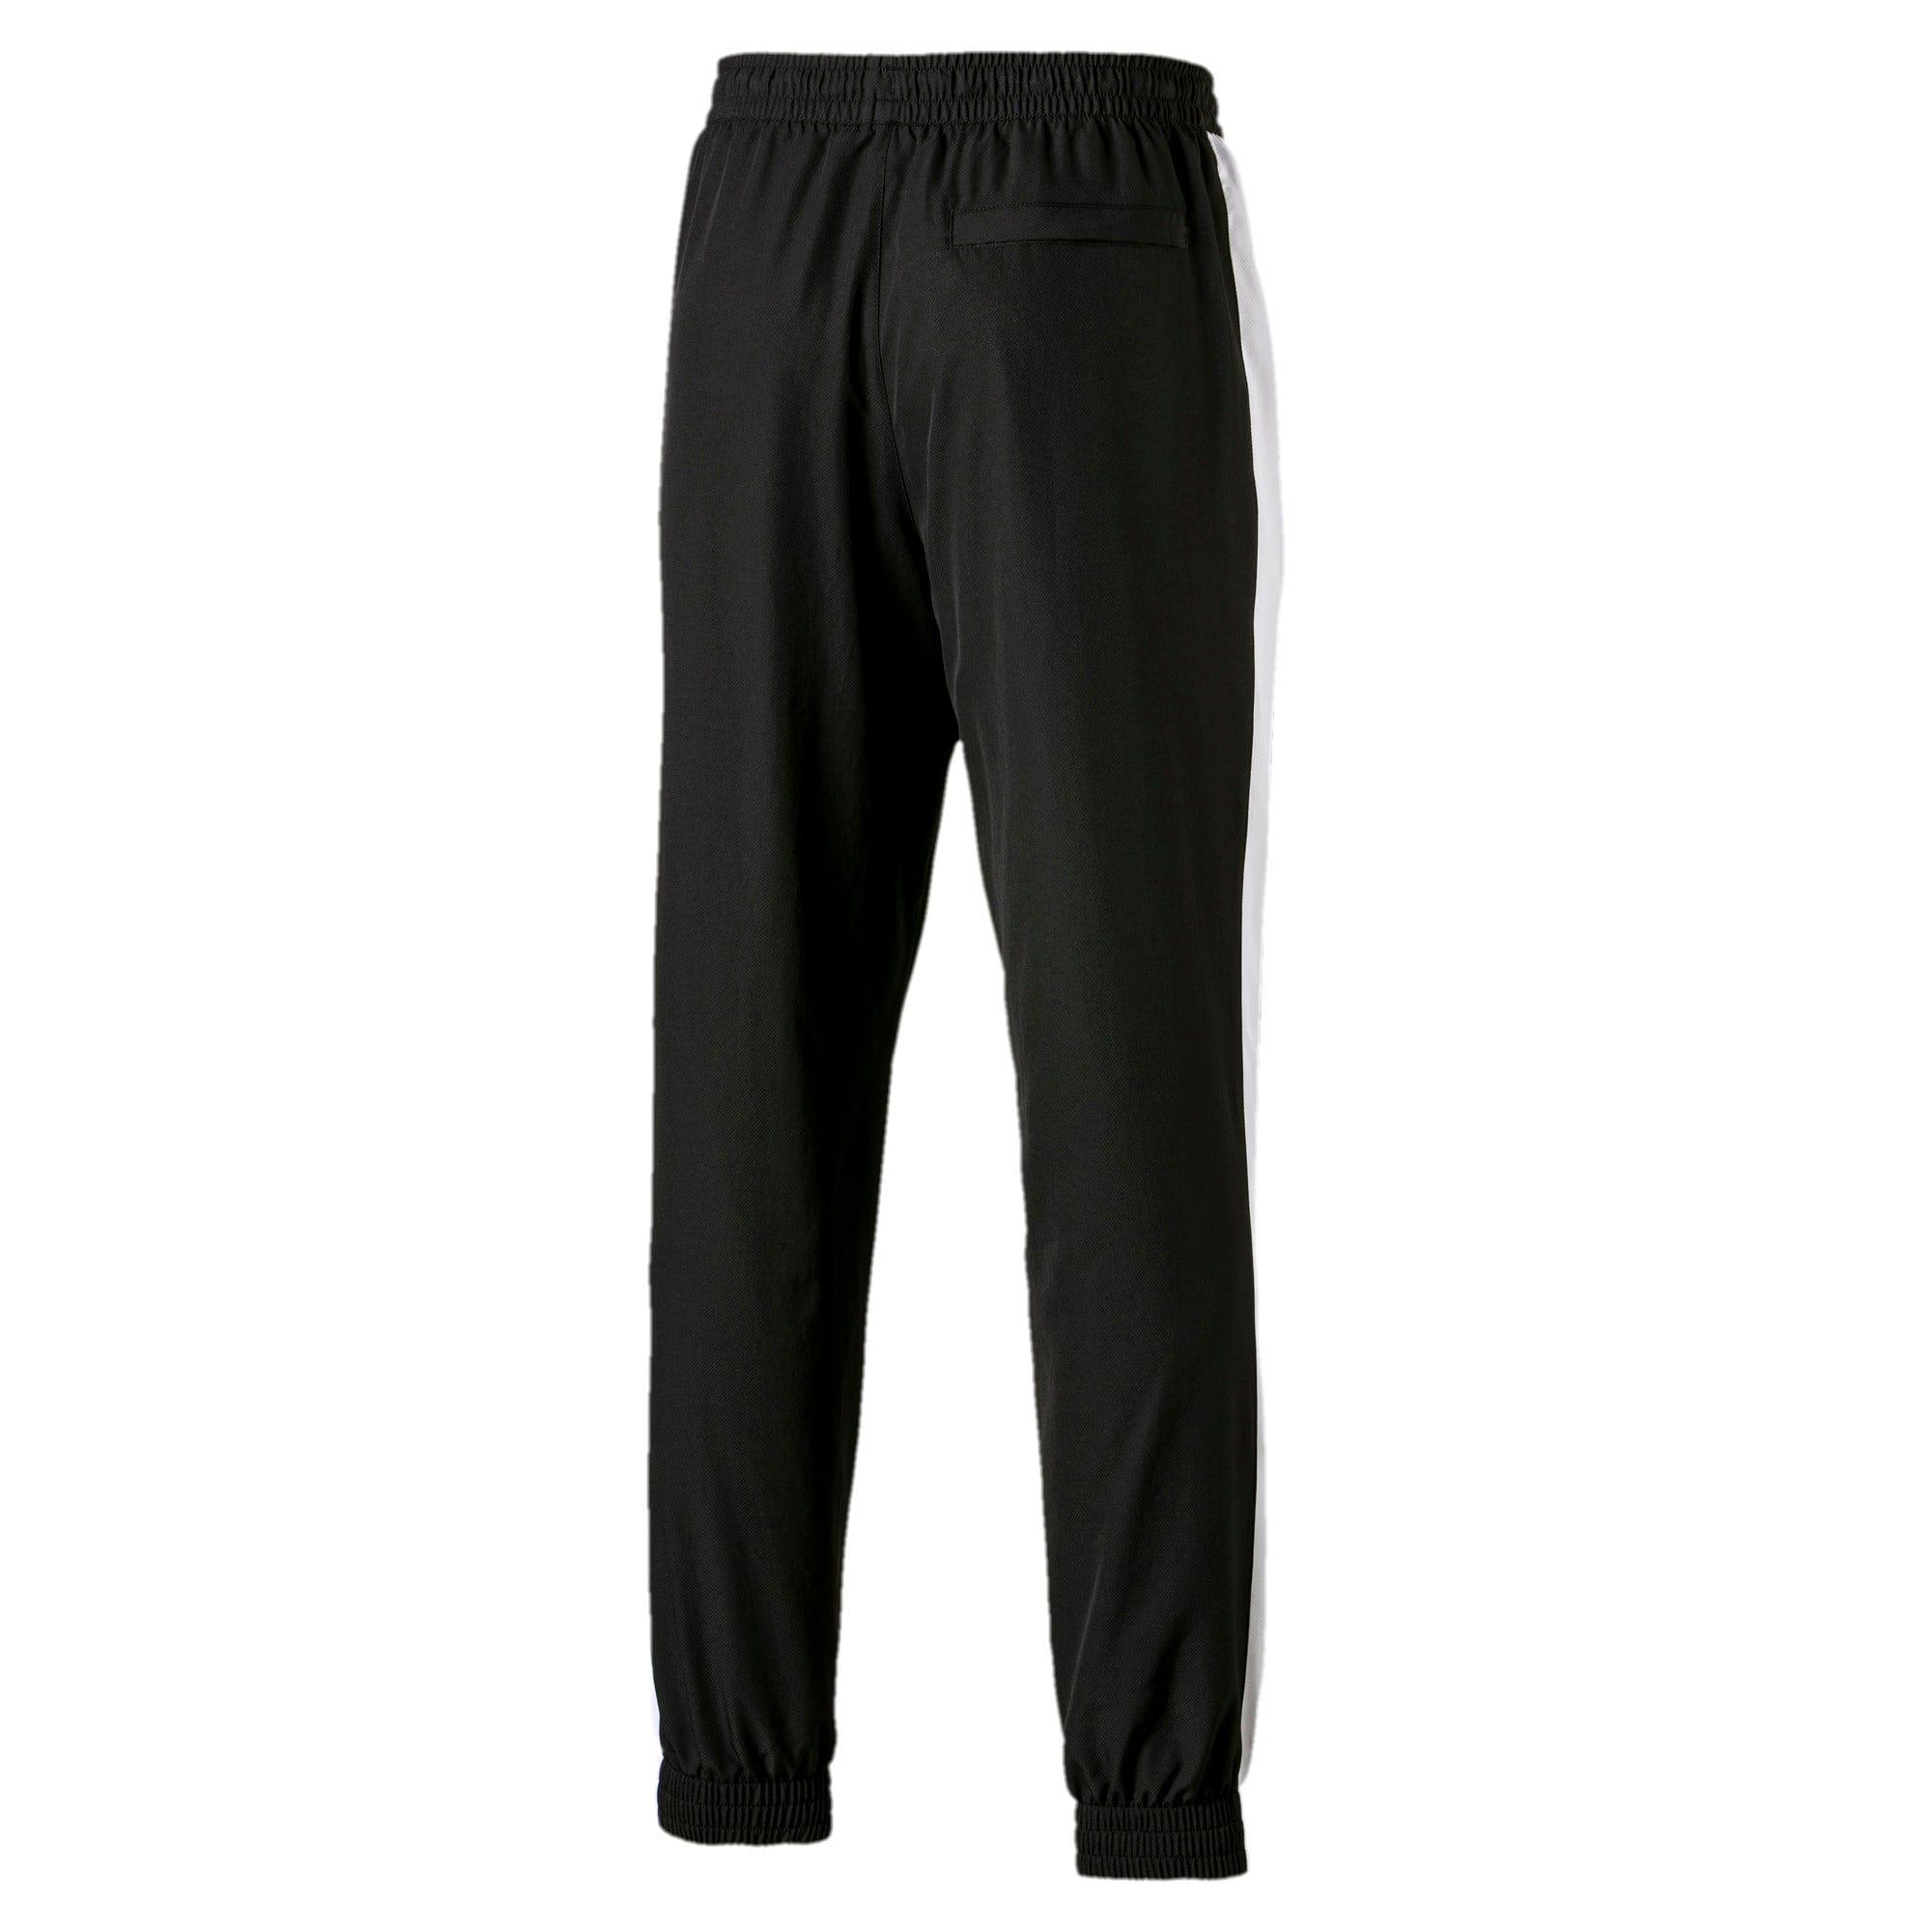 PUMA Iconic T7 Woven Men's Sweatpants in Black size 5X Large #sweatpantsoutfit